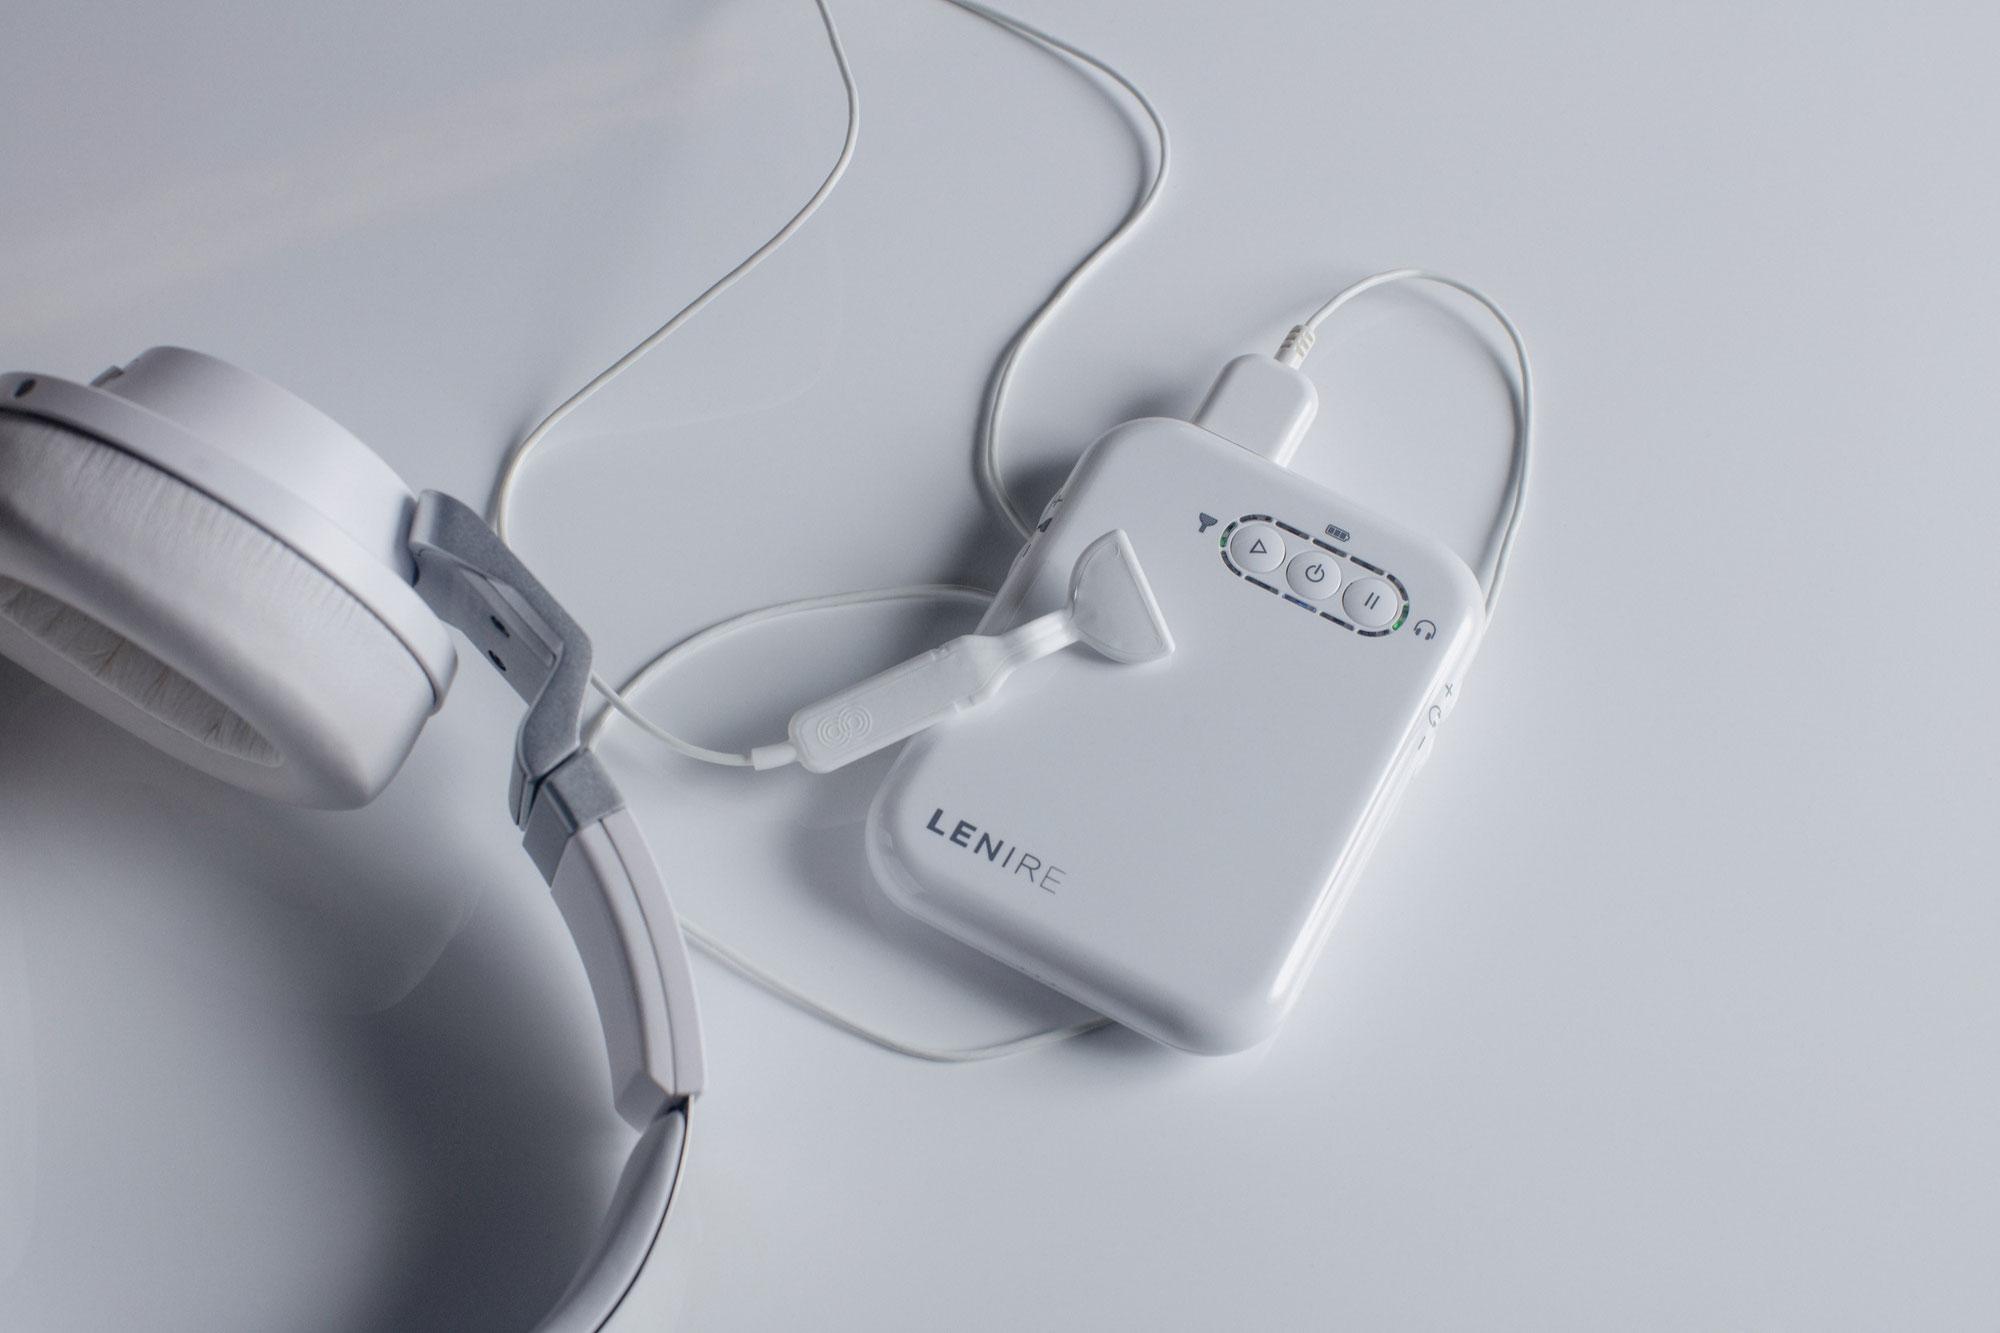 Lenire-Therapie mittels bimodaler Neurostimulation